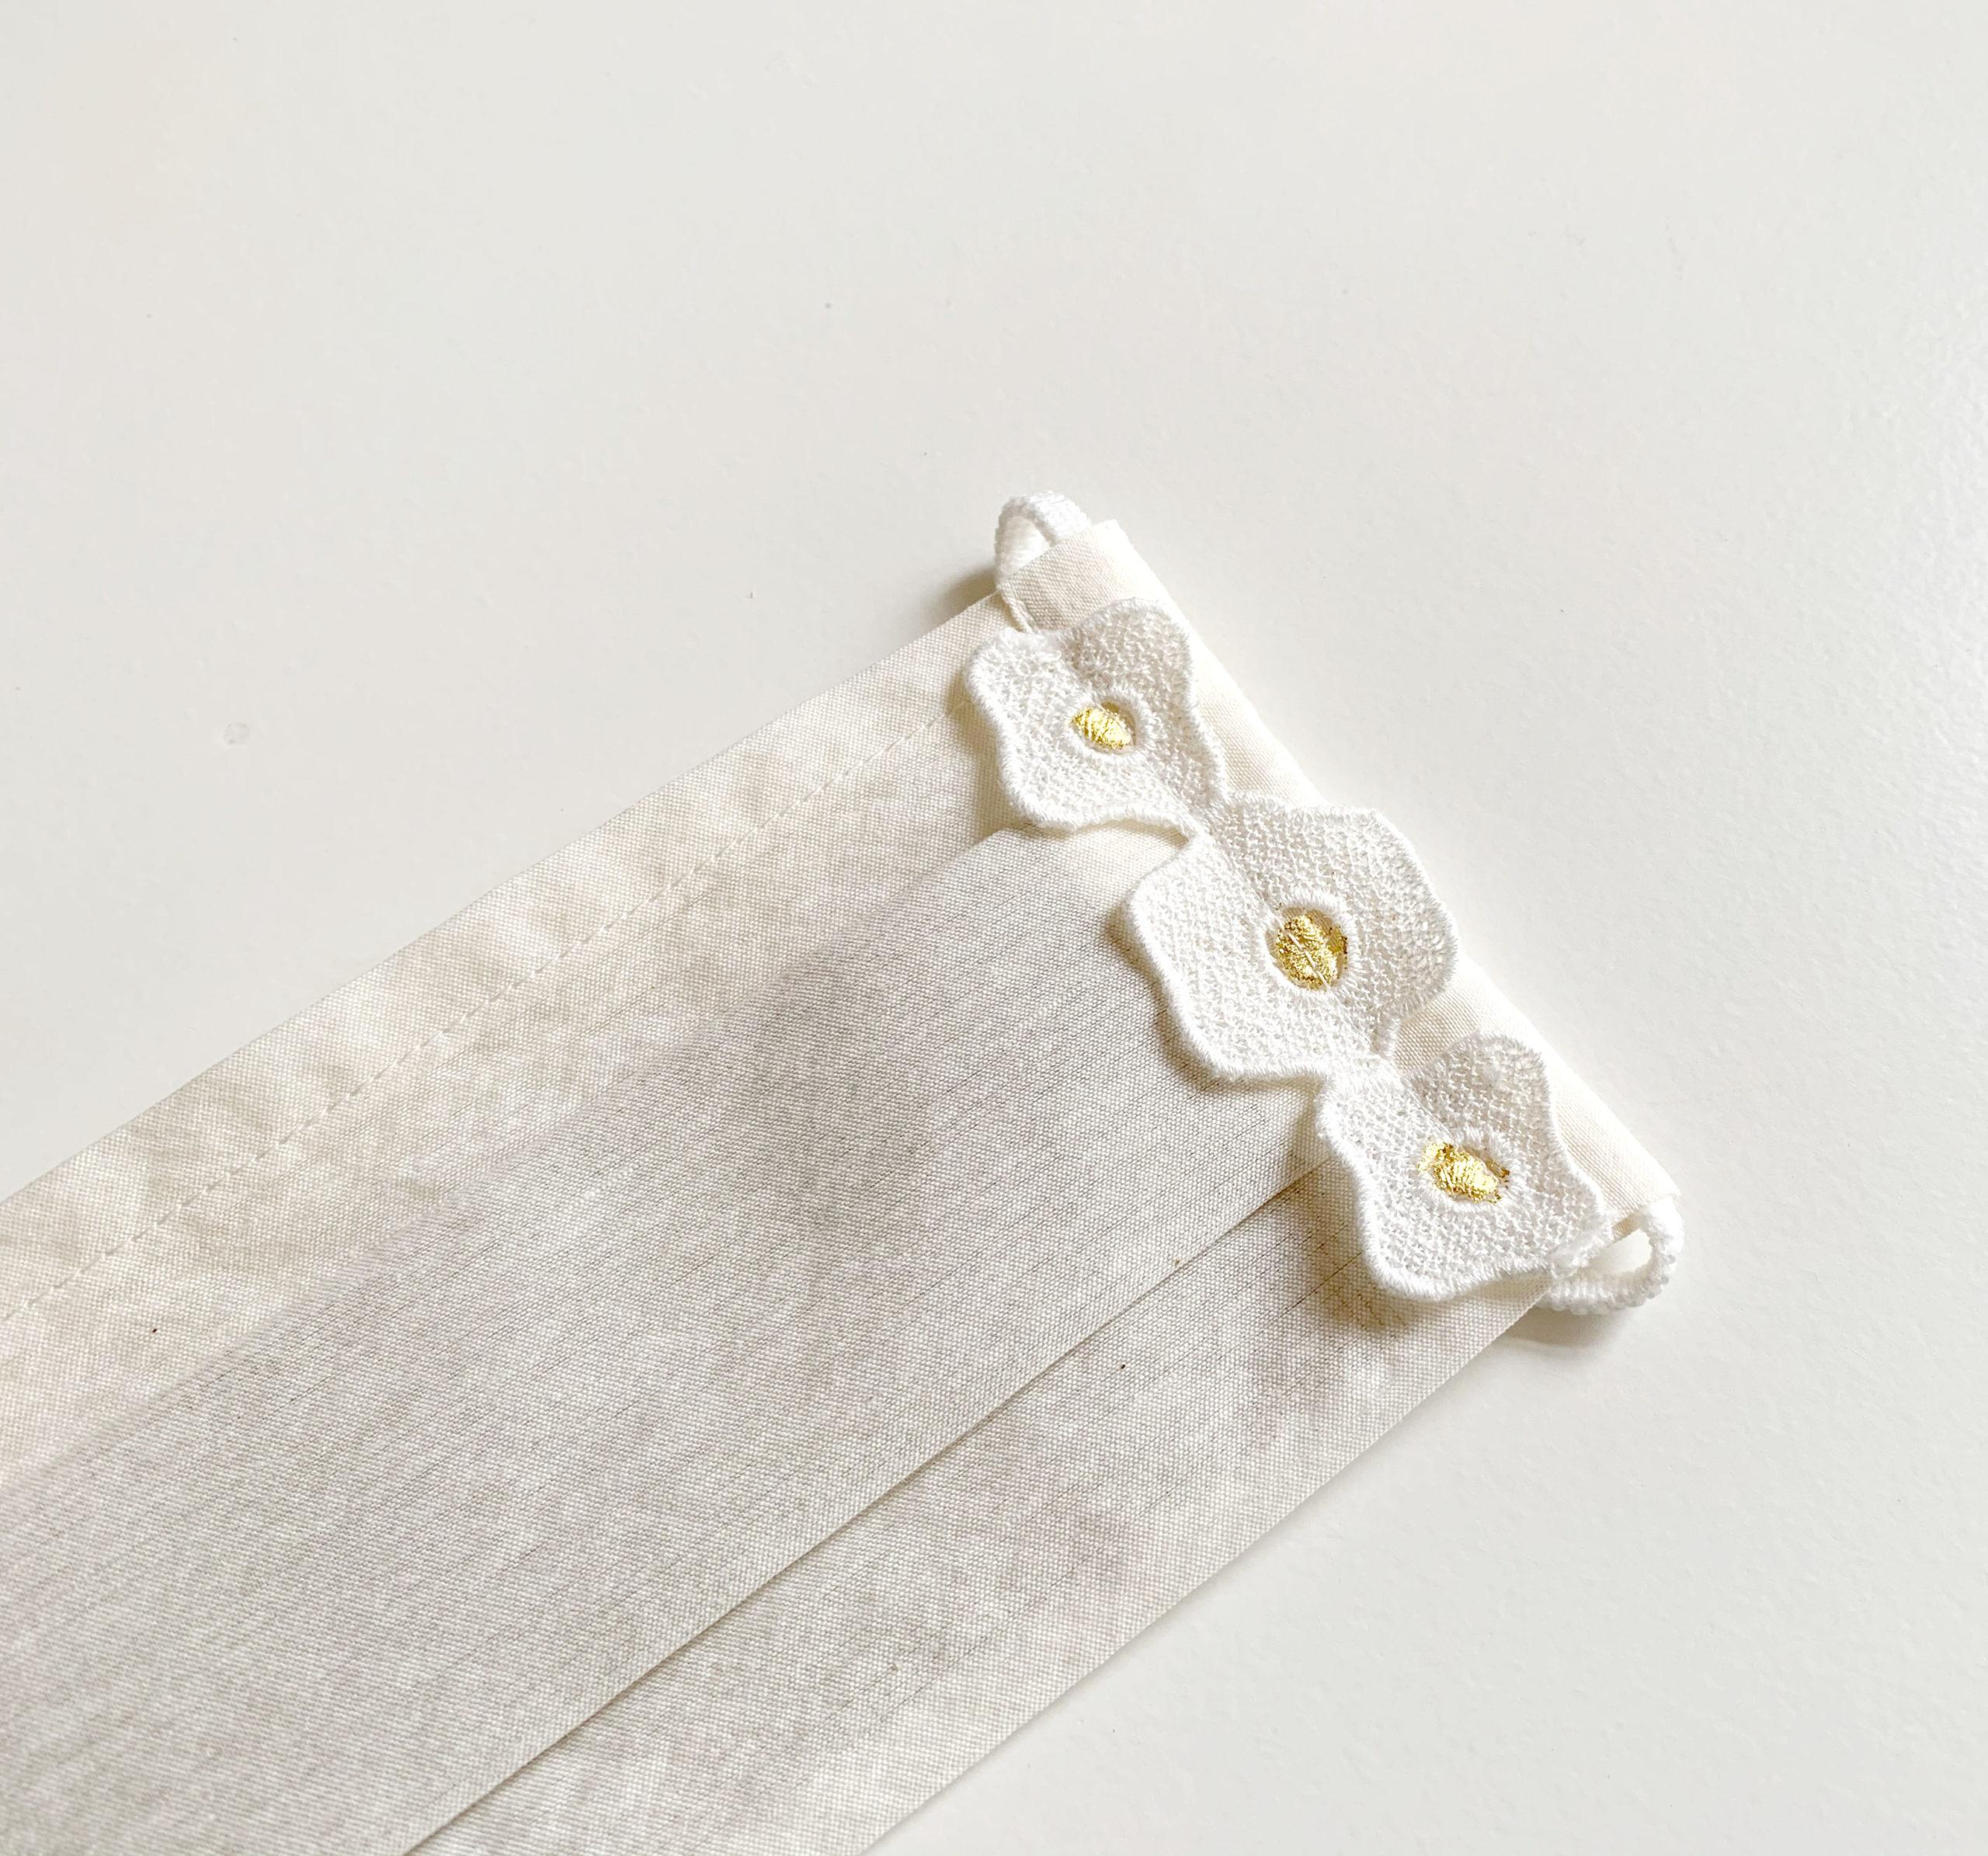 お出かけマスク、ワンタックプリーツマスク「金箔レース花G」医化学的繊維と銀の糸を使った抗菌防臭